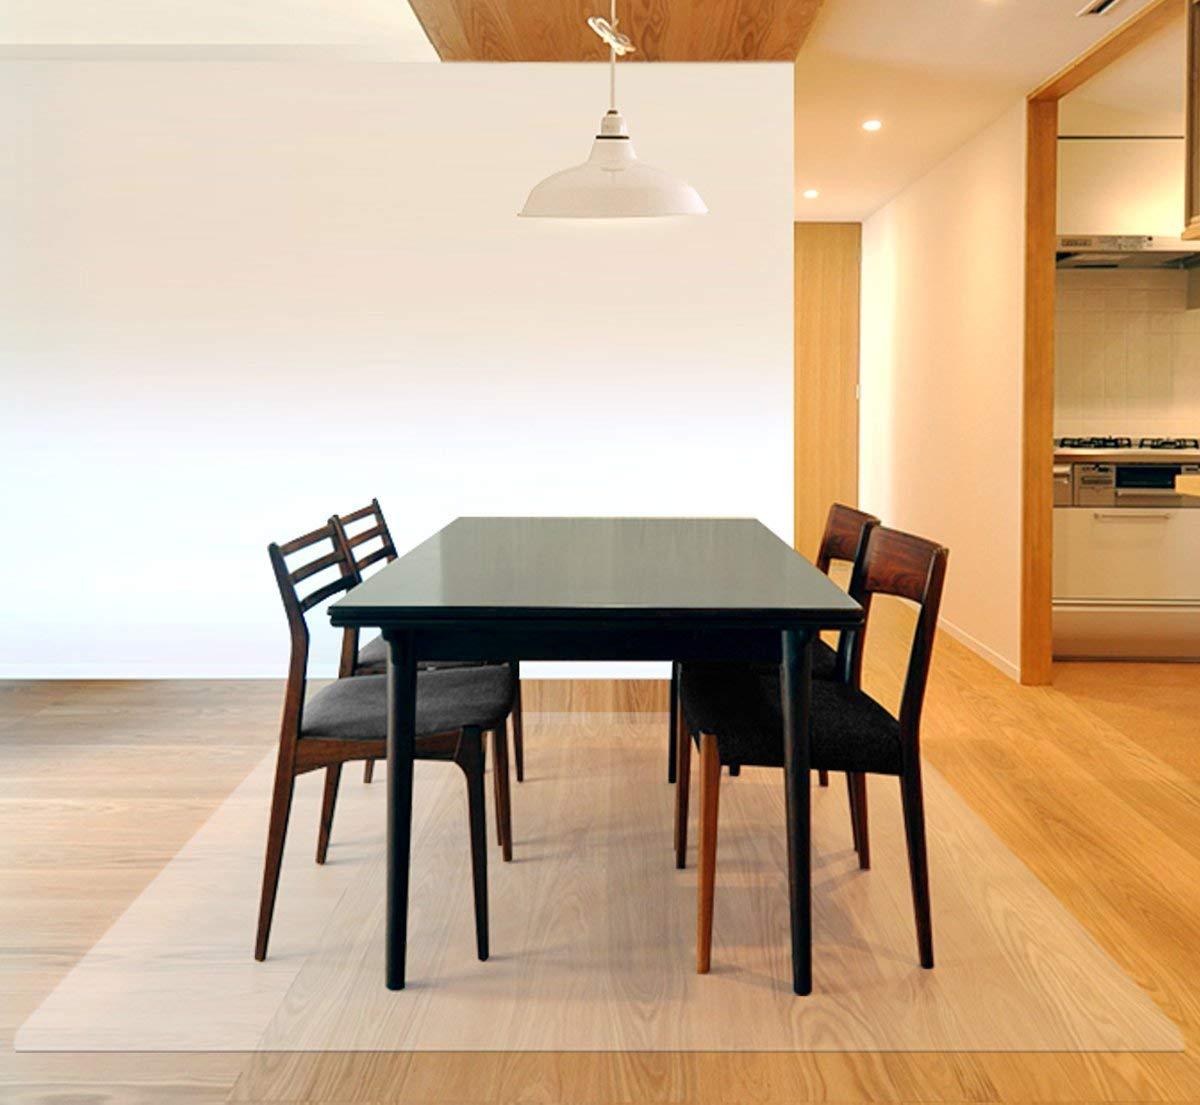 ダイニングテーブルのおすすめ4選&選び方【リビングを彩る】